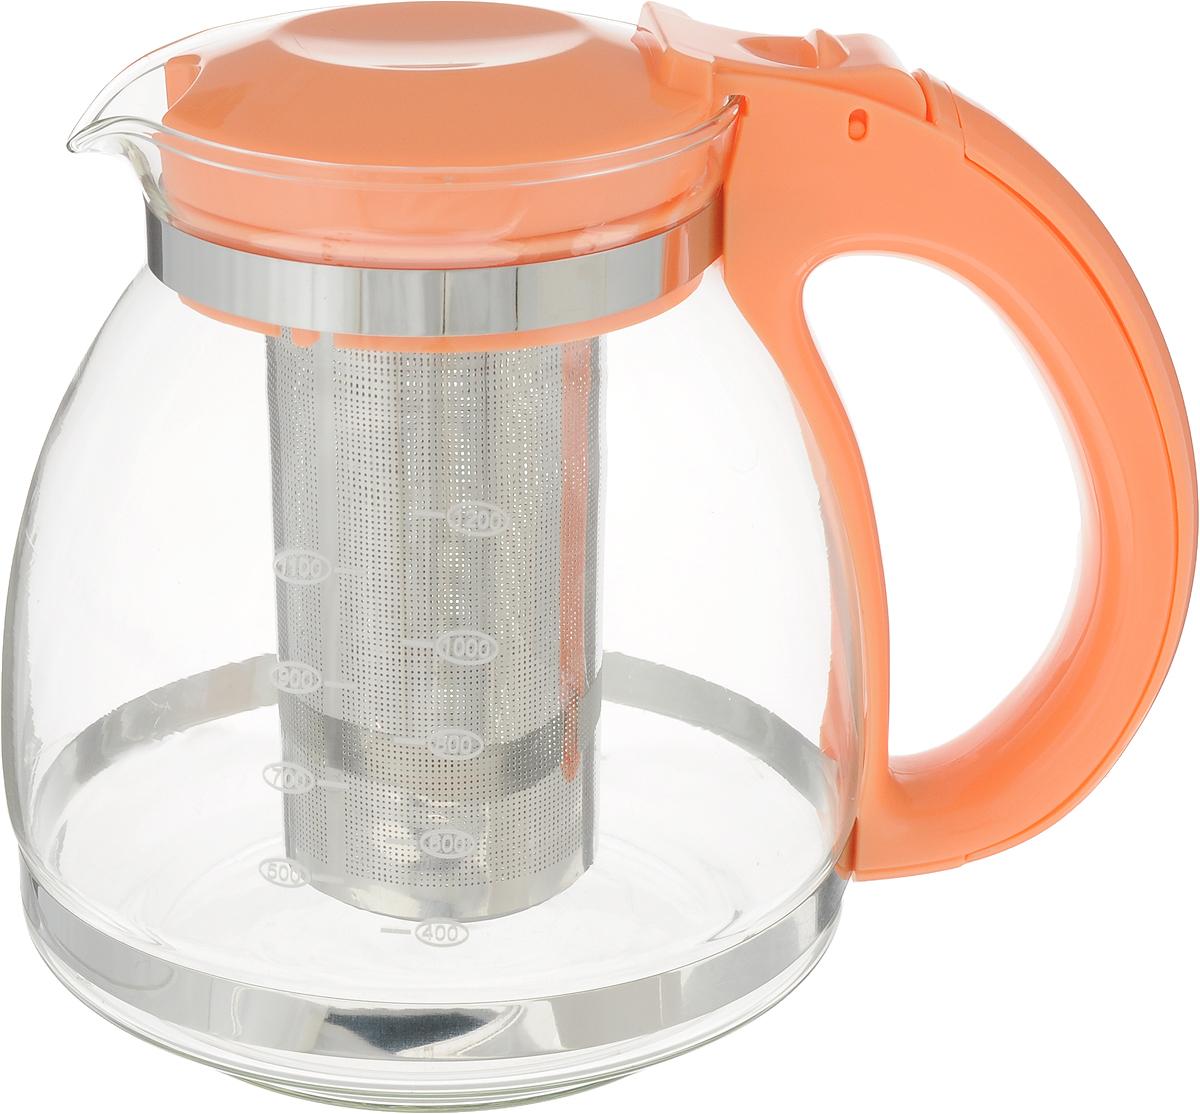 Чайник KATRINA, с фильтром металлическим, цвет: оранжевый, 1,5 лATG115_оранжевыйЗаварочный чайник KATRINA изготовлен из высококачественного термостойкого стекла. Чайник дополнен фильтром, который задерживает чаинки и предотвращает их попадание в чашку. Модель снабжена удобной пластиковой ручкой и откидывающейся крышкой. Чай в стеклянном чайнике долго остается горячим, а полезные и ароматические вещества полностью сохраняются в напитке.Не использовать в посудомоечной машине.